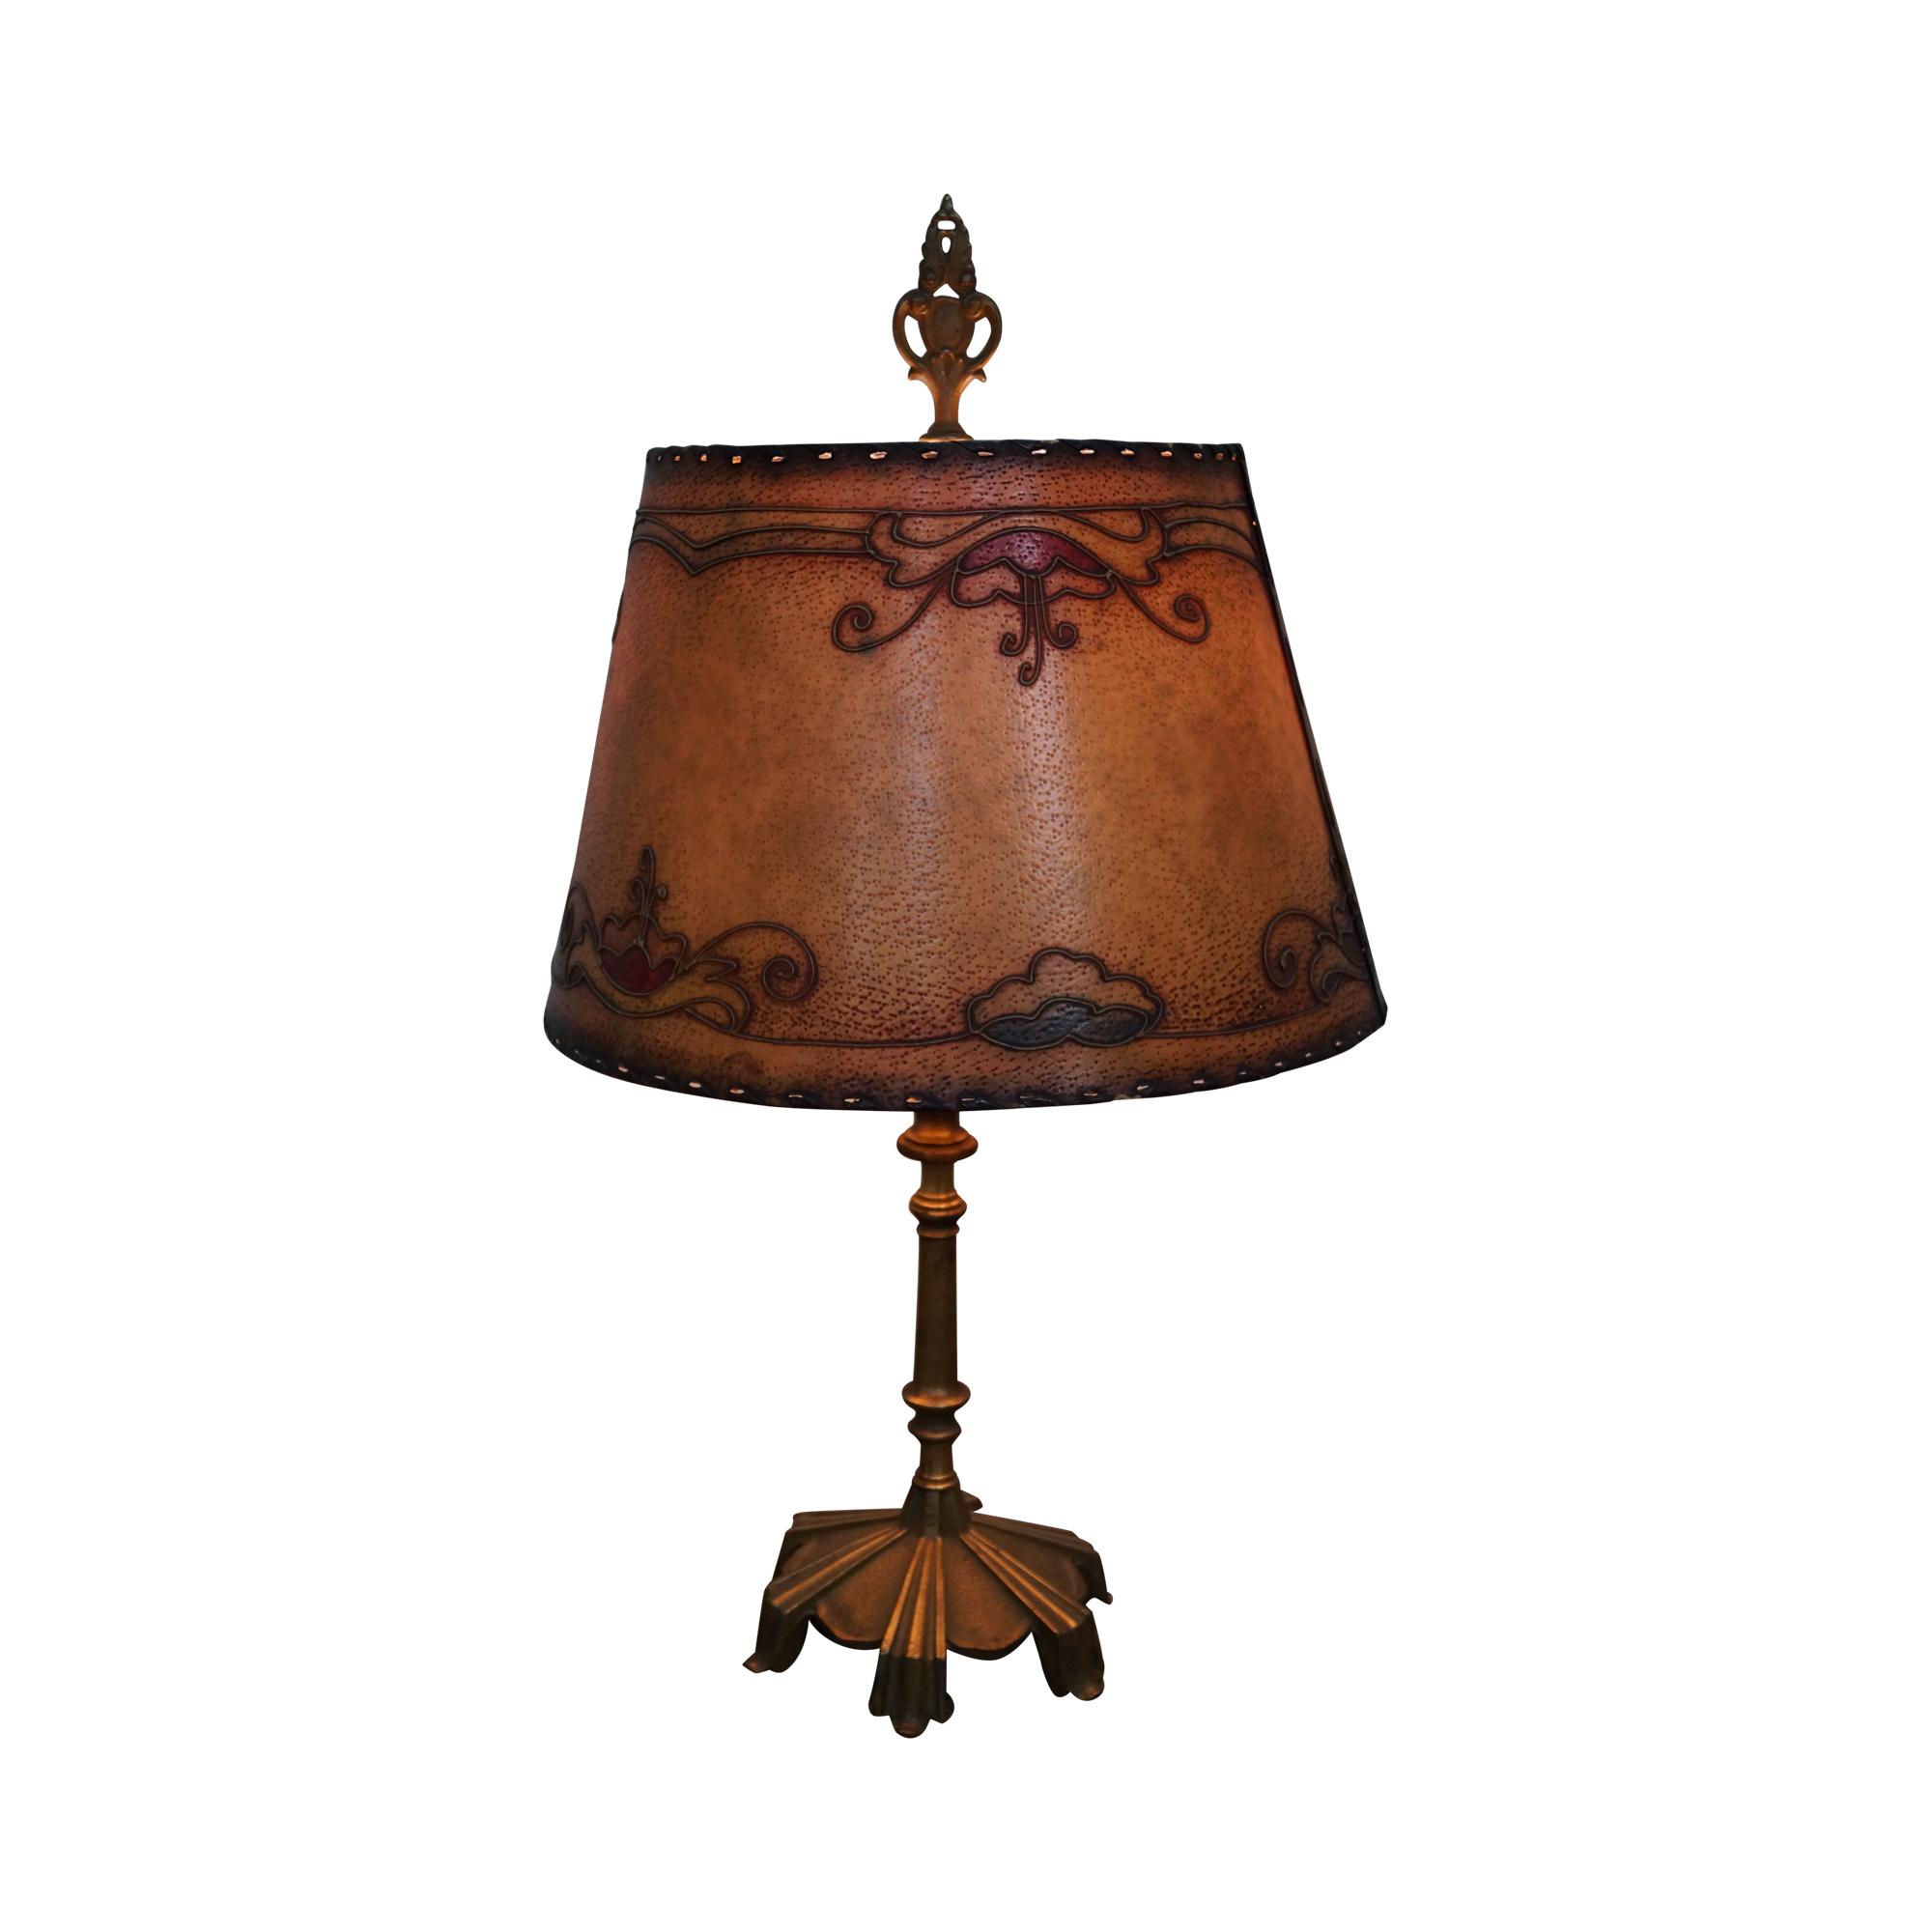 Remington Antique Brass Table Lamp